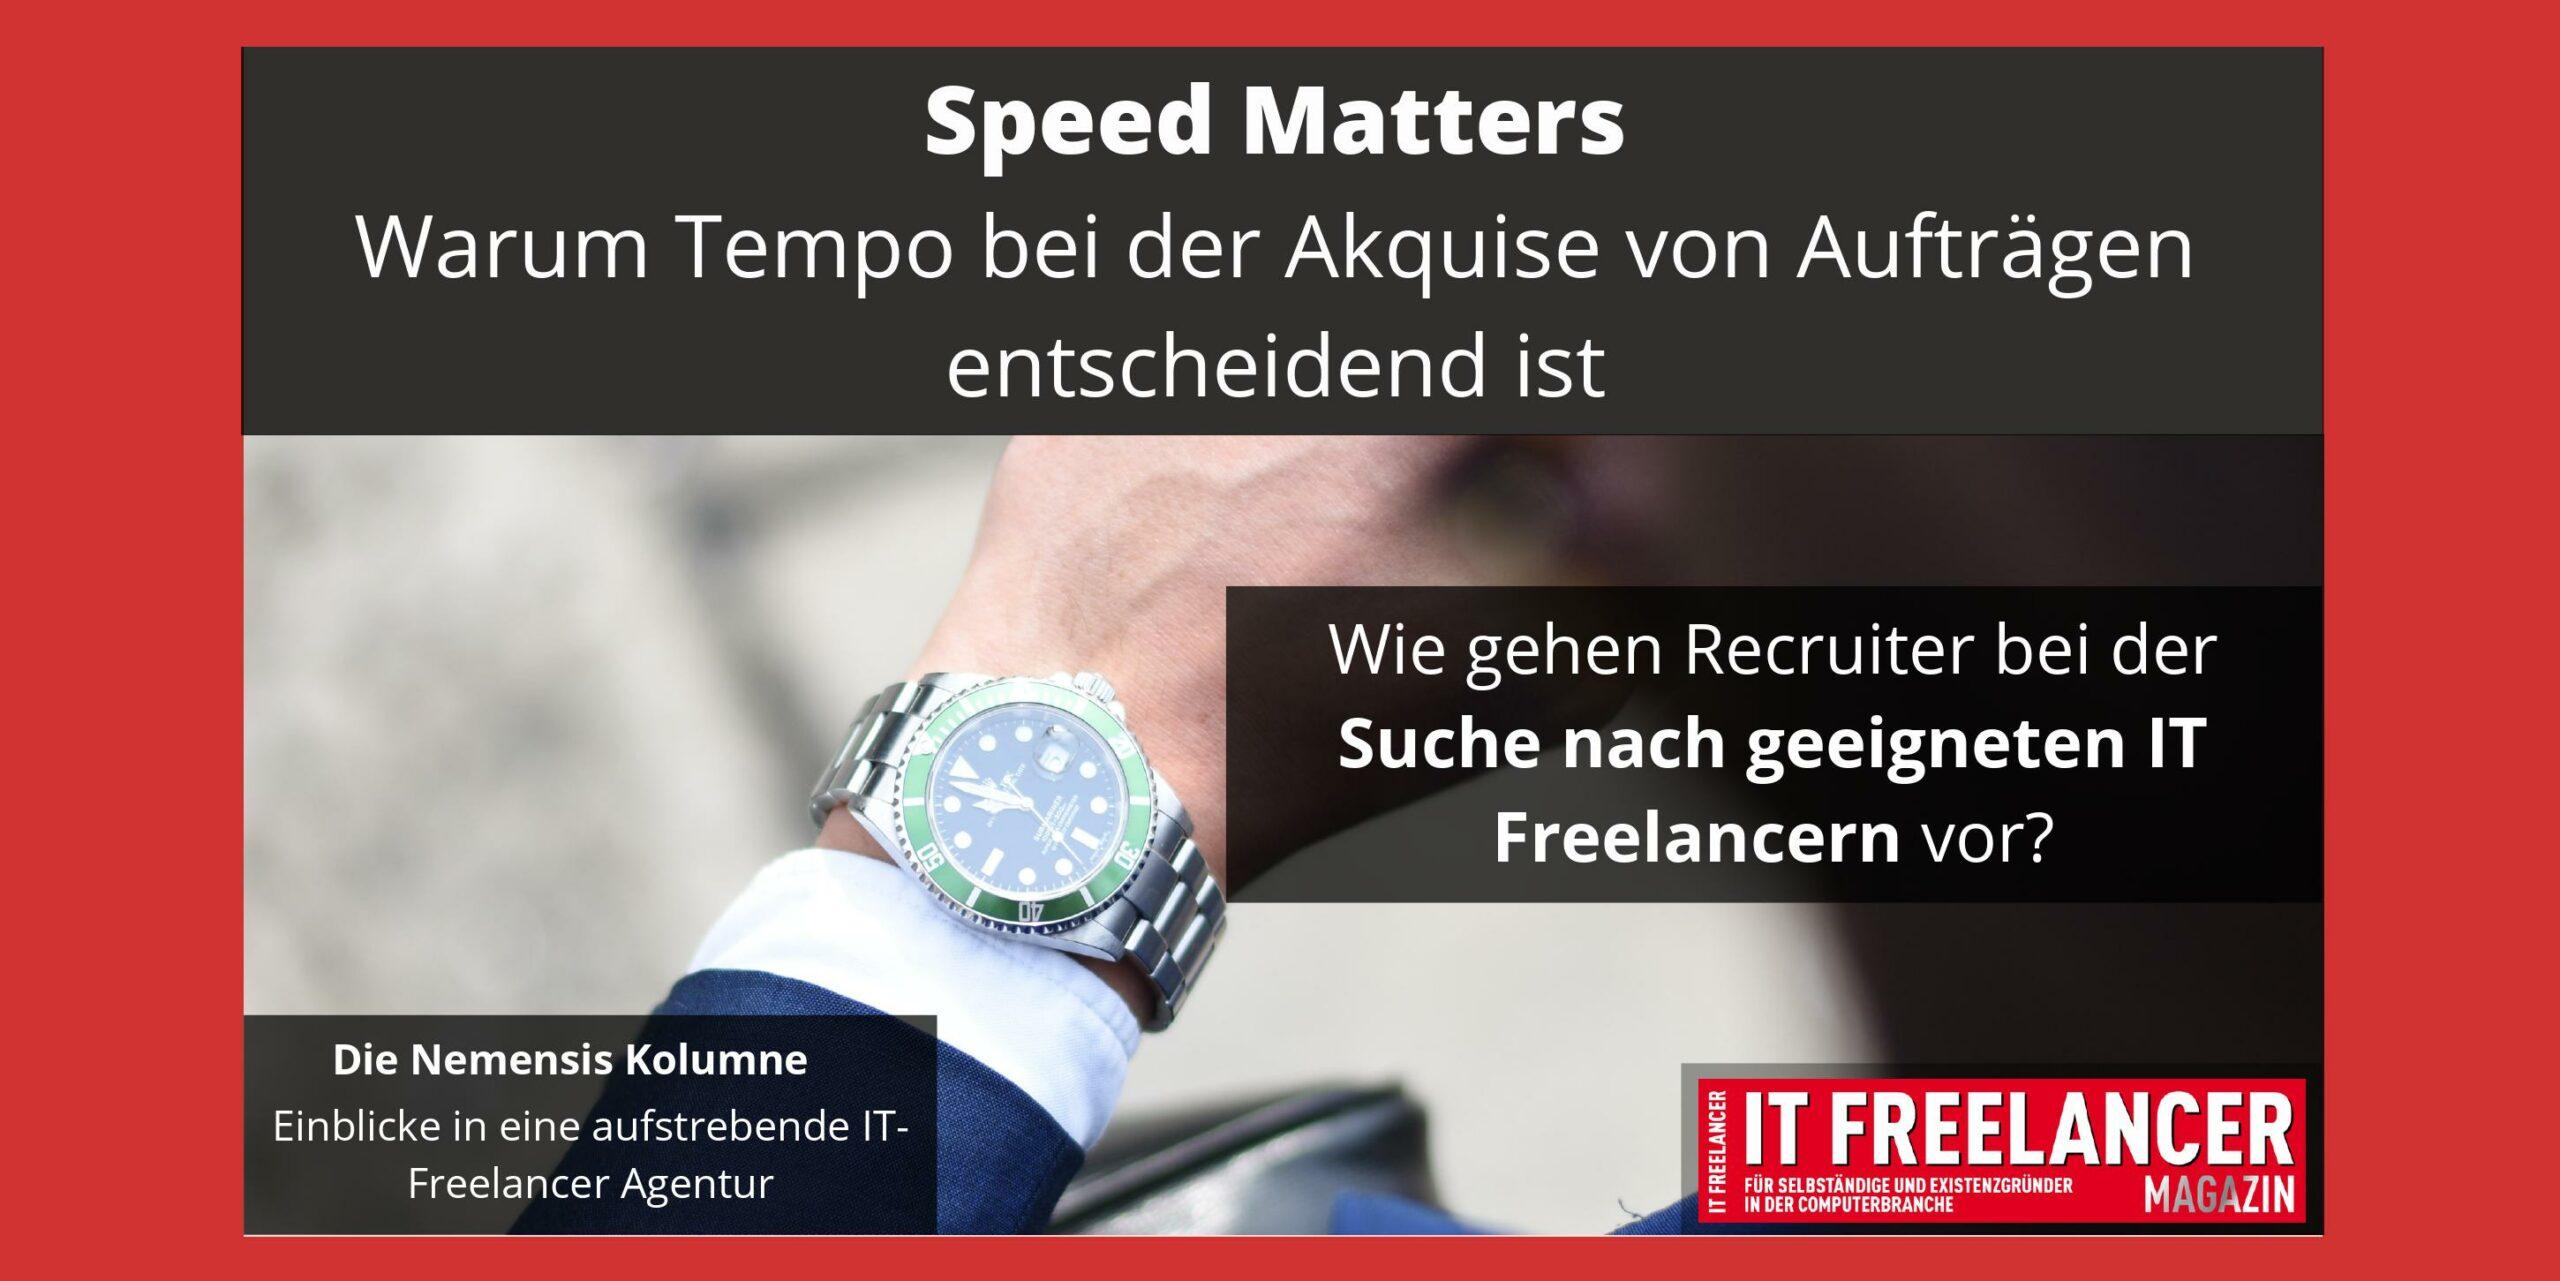 Speed Matters- Warum Tempo bei der Akquise von Aufträgen entscheident ist.